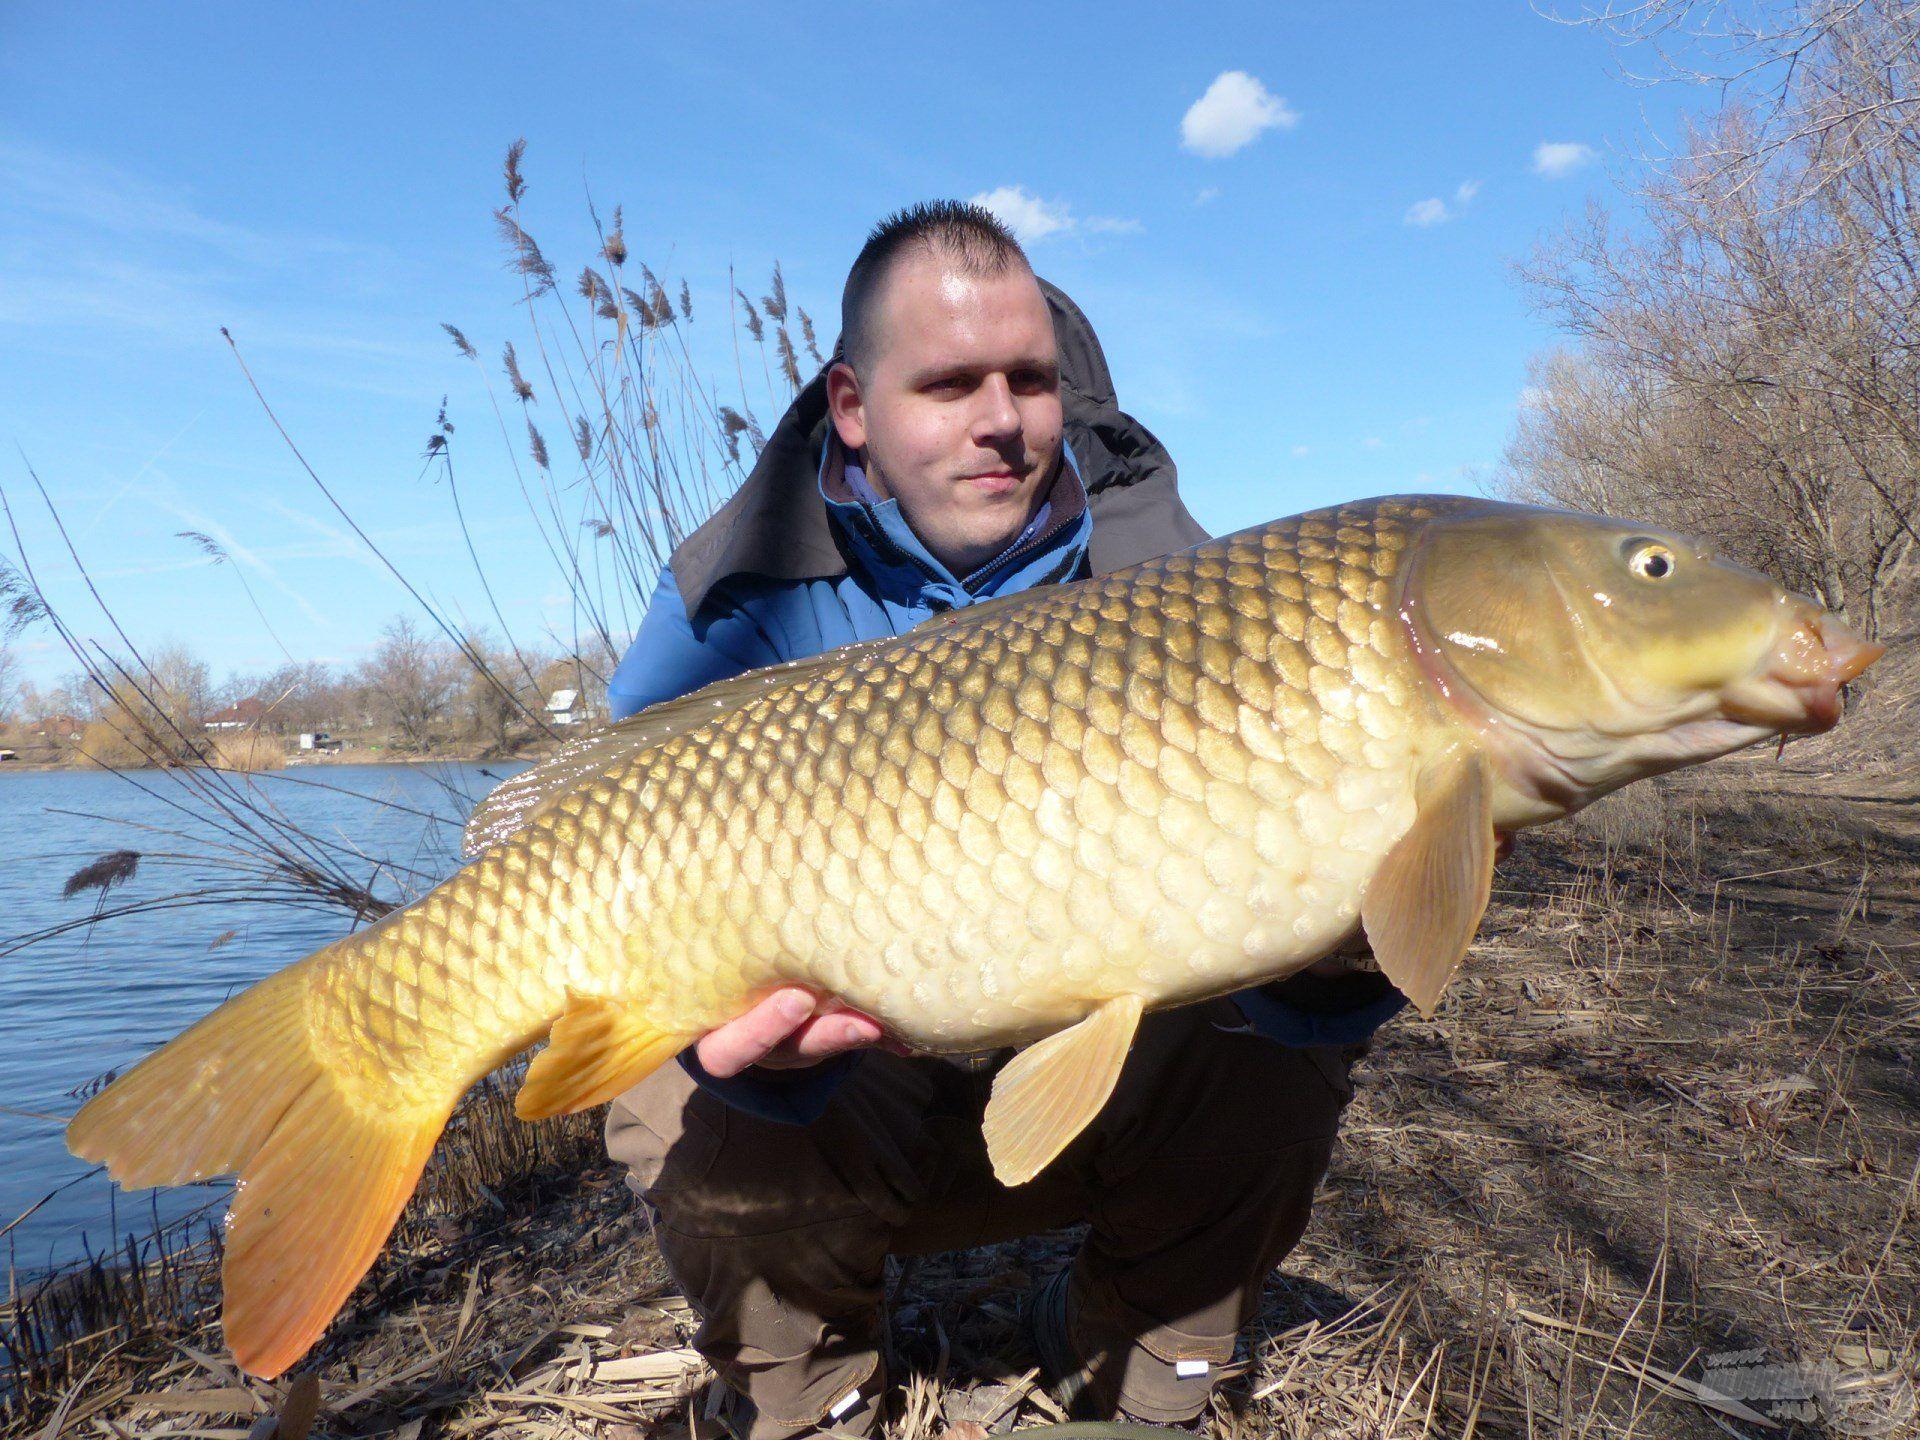 … a kora tavaszi időszakban a termetes halak is szívesebben veszik fel az apró méretű csalikat